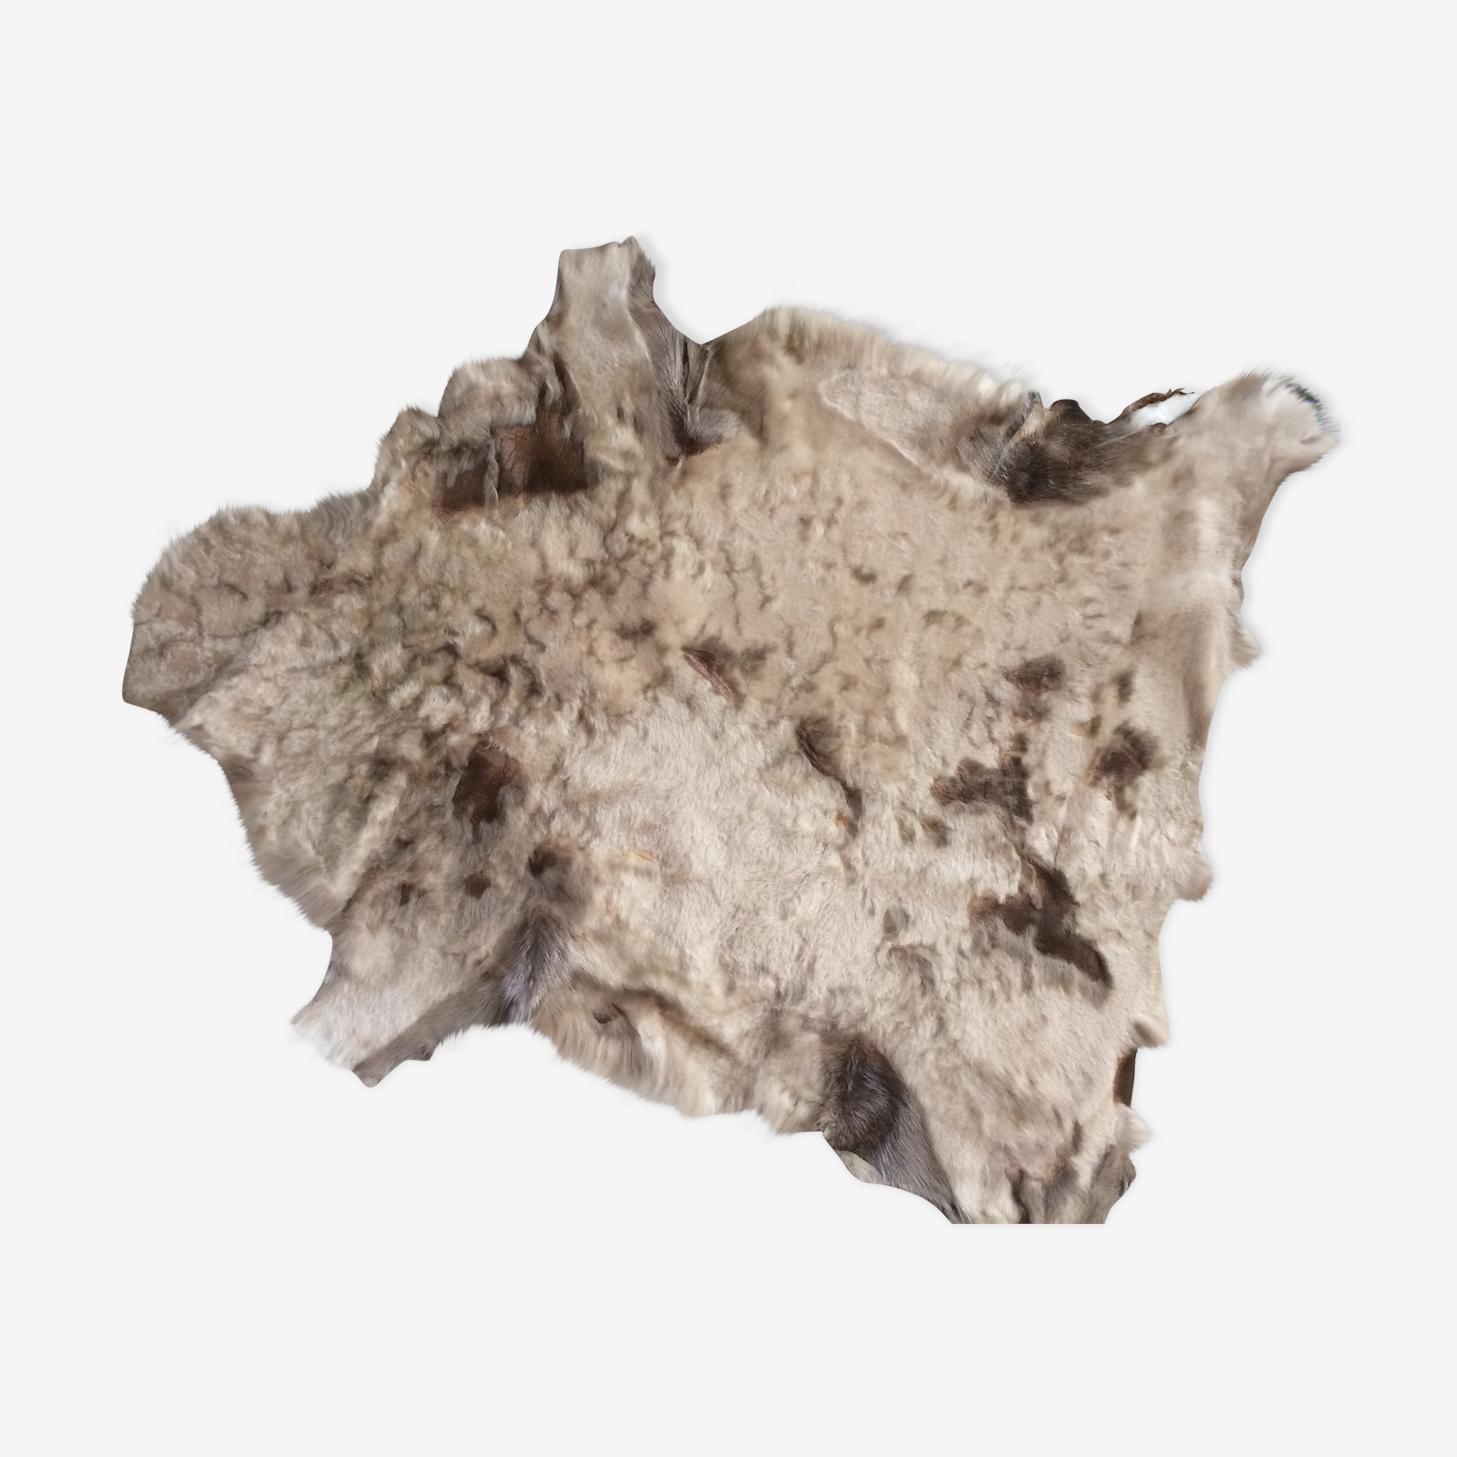 Peau de chèvre de couleurs claires: beige et marron.